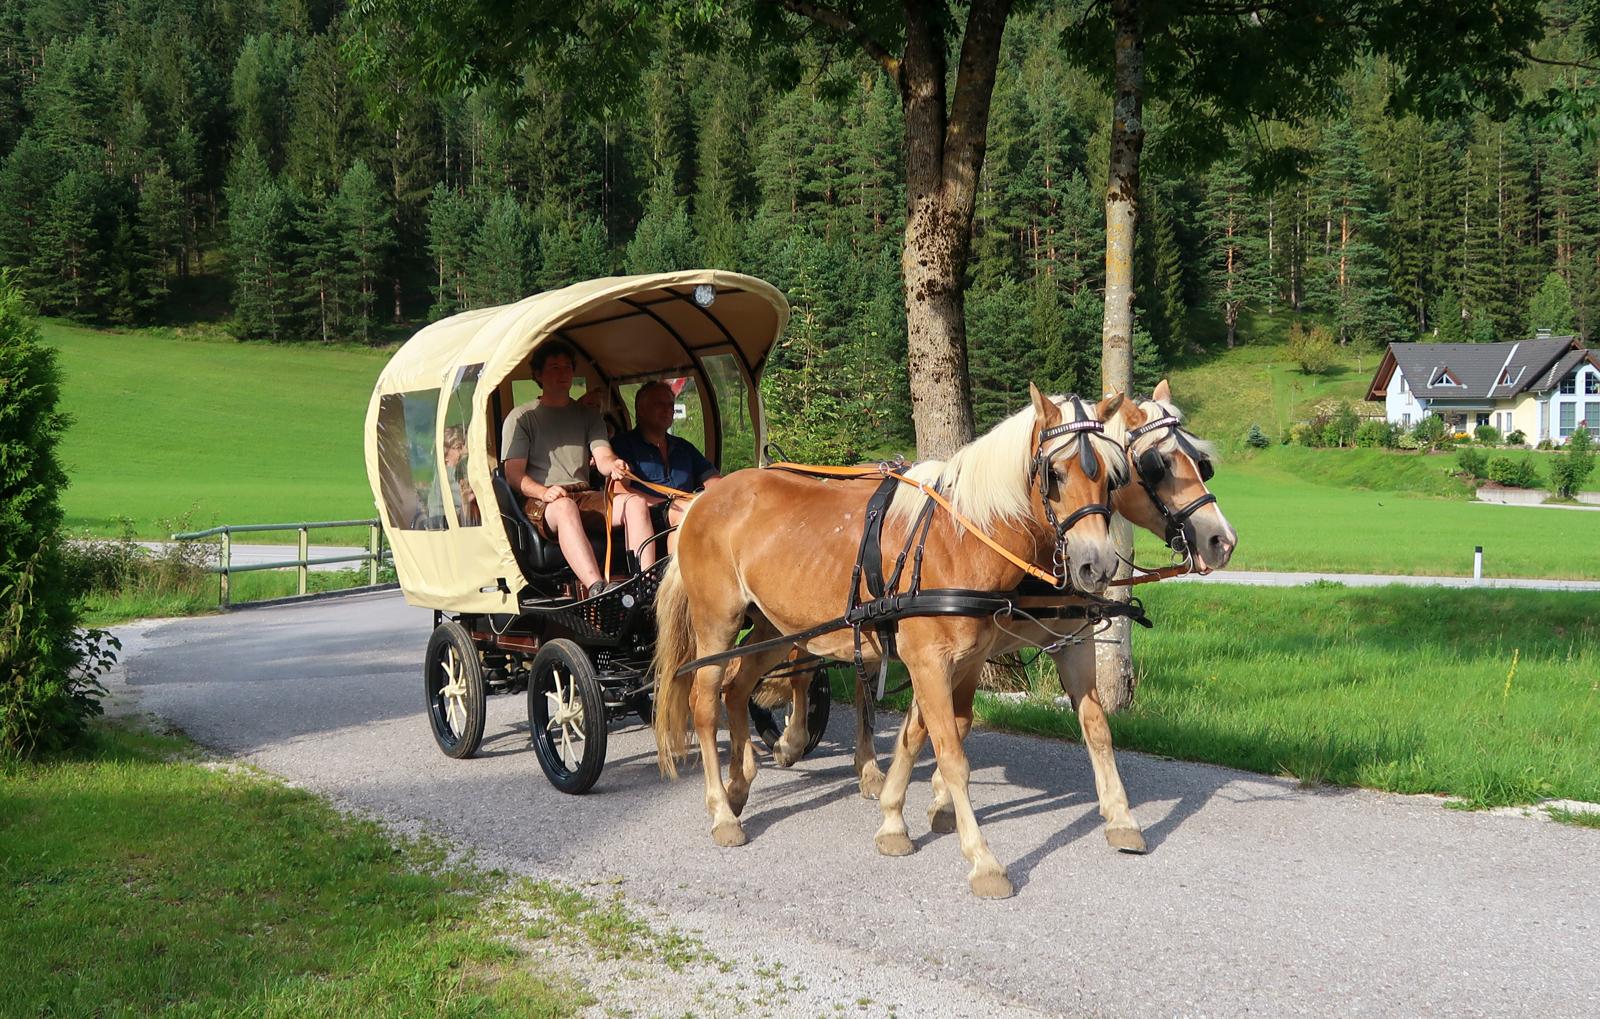 picknickfahrt-mit-kutschenwagen-bg3